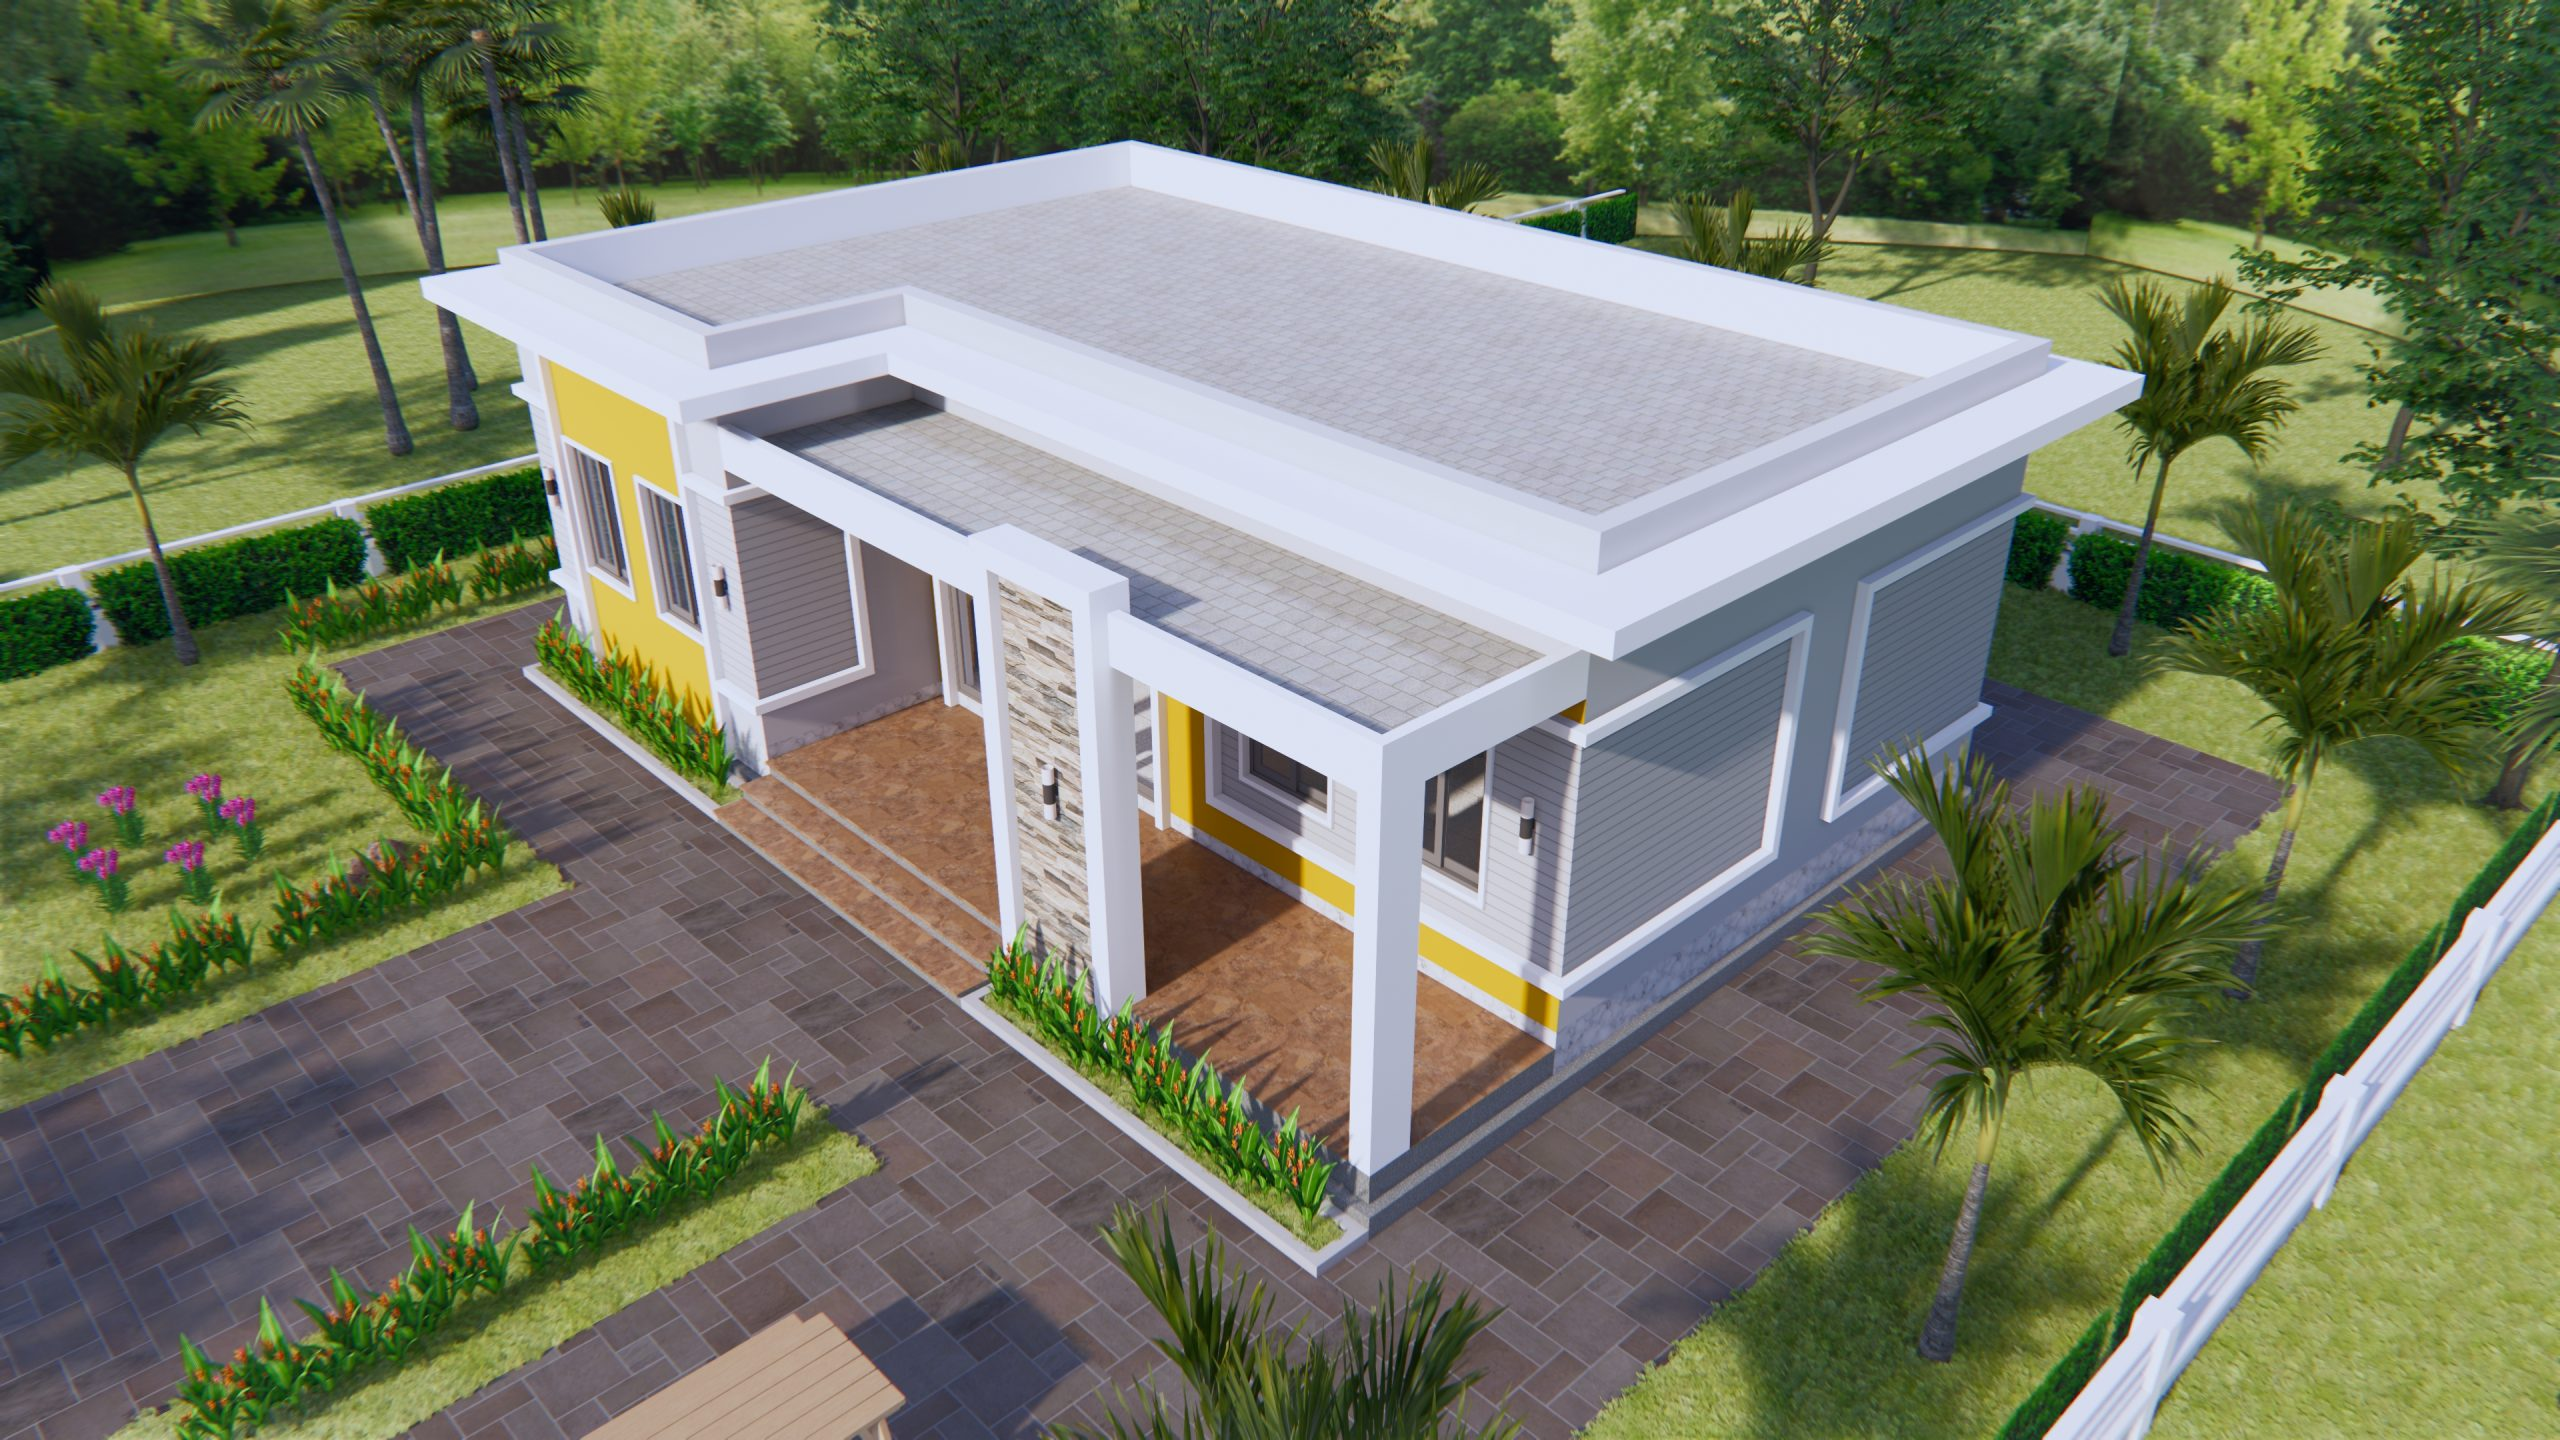 Home Layout Design 12x8 Meter 40x27 Feet 3 Beds 3